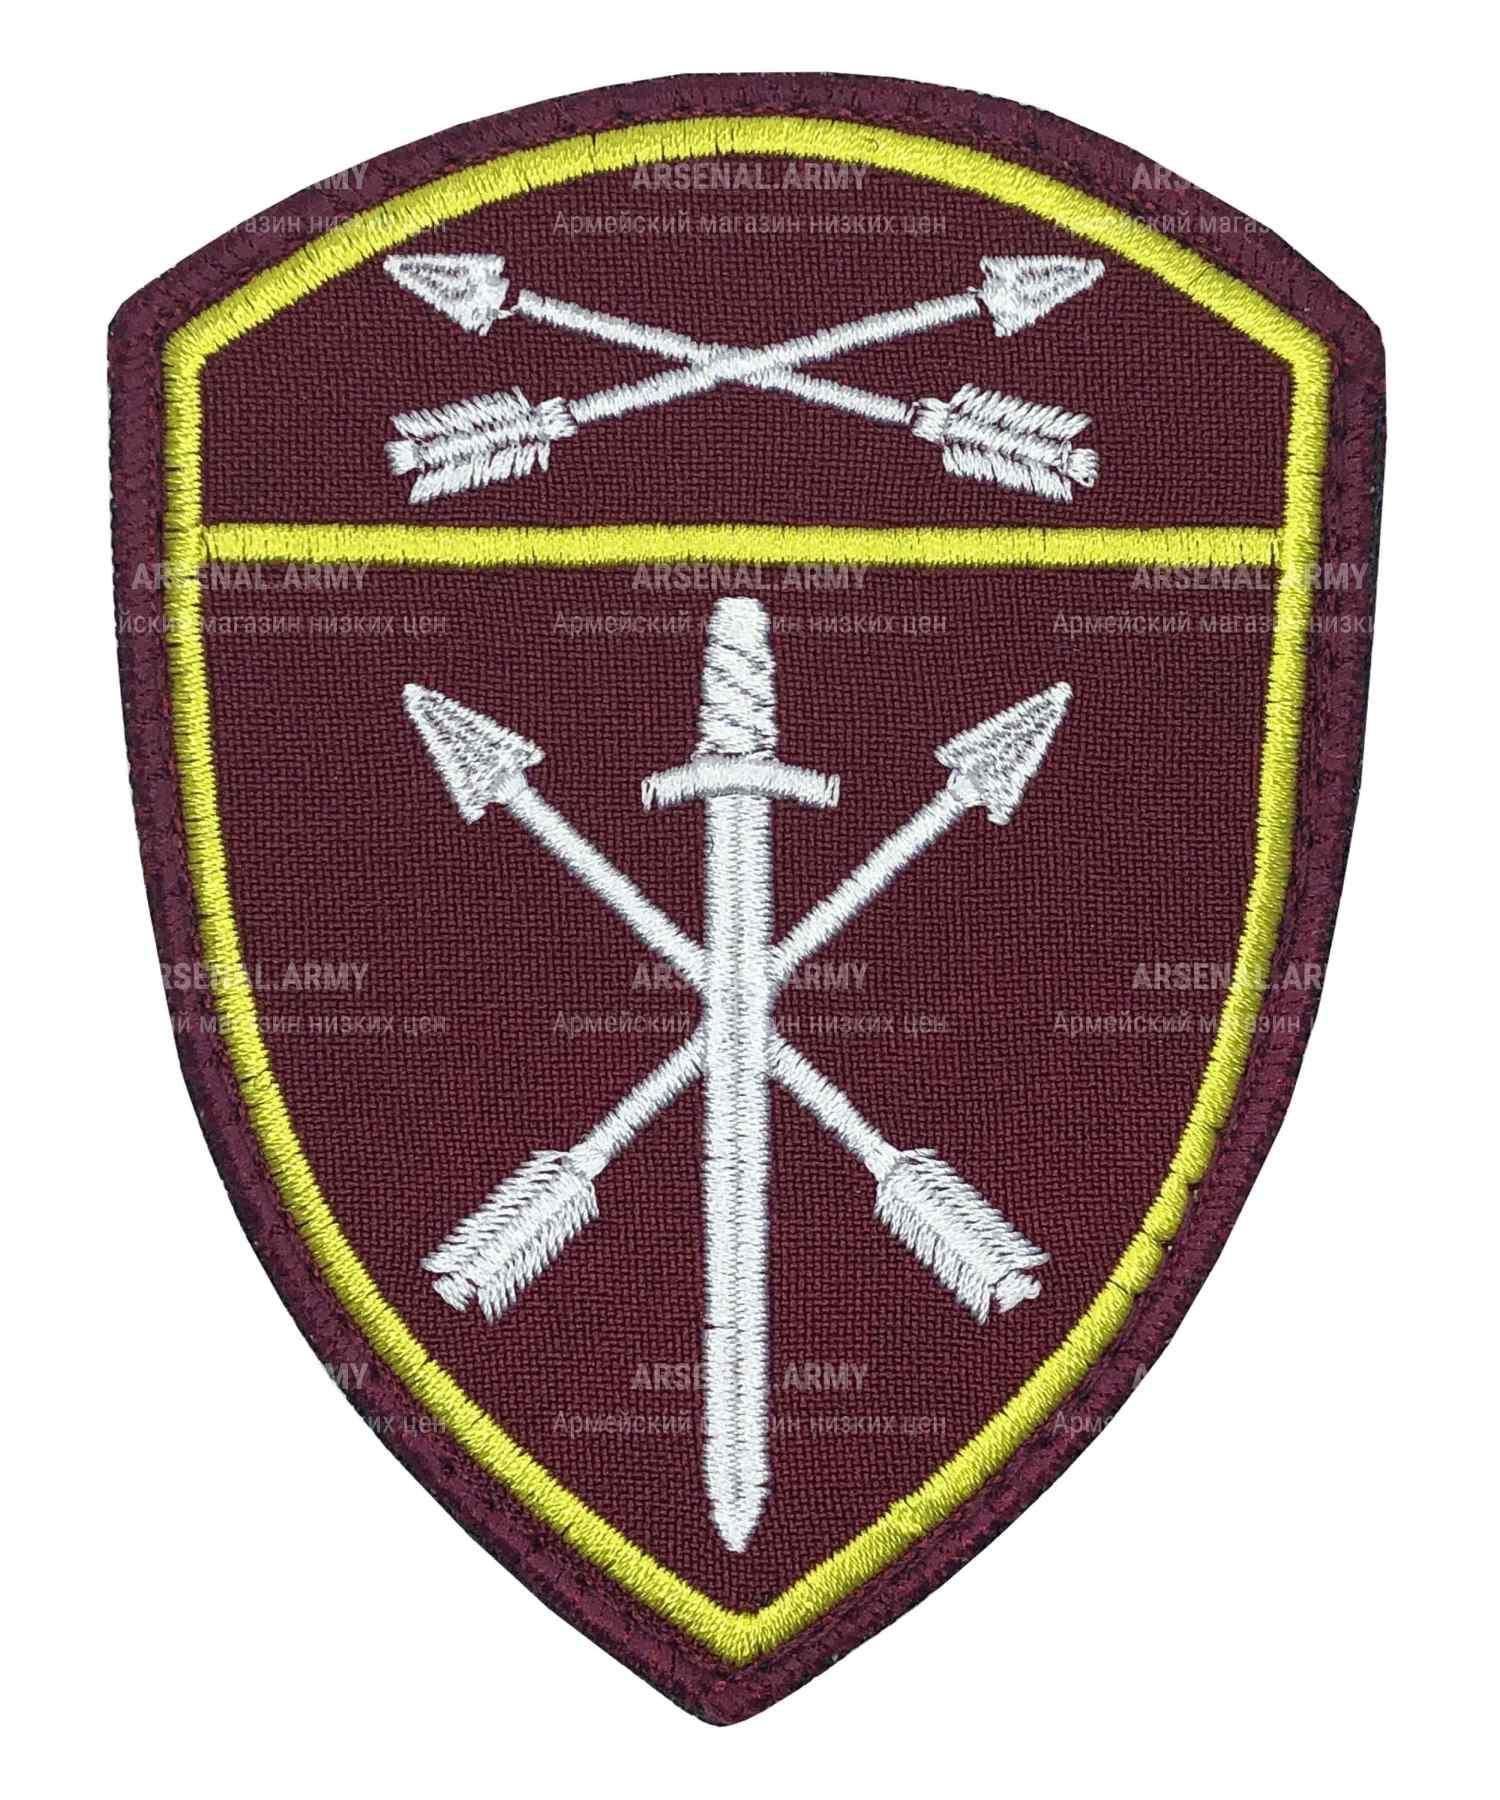 Шеврон вышитый Росгвардия Оперативного назначения Сибирский округ на липе